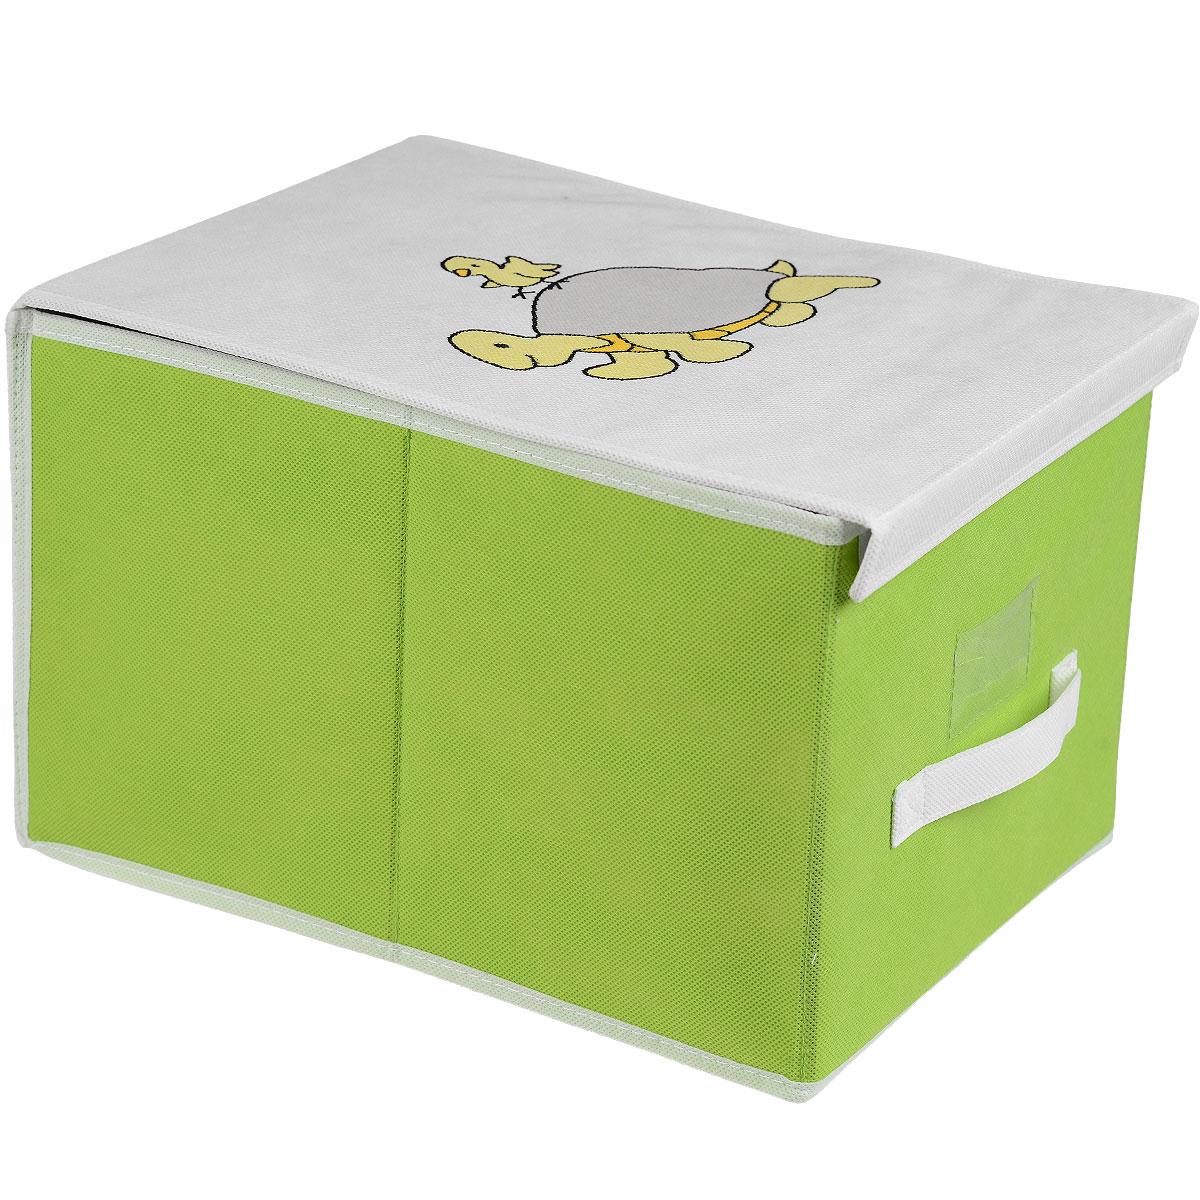 Чехол для хранения Voila Baby, цвет: салатовый, 30 х 40 х 25 смCOVLSCBY02 салатовыйЧехол Voila Baby выполнен из дышащего нетканого материала (полипропилен), безопасного в использовании. Изделие предназначено для хранения вещей. Он защитит вещи от повреждений, пыли, влаги и загрязнений во время хранения и транспортировки. Чехол идеально подходит для хранения детских вещей и игрушек. Жесткий каркас из плотного толстого картона, обеспечивает устойчивость конструкции. Изделие оформлено красочным изображением. Закрывается на липучки.